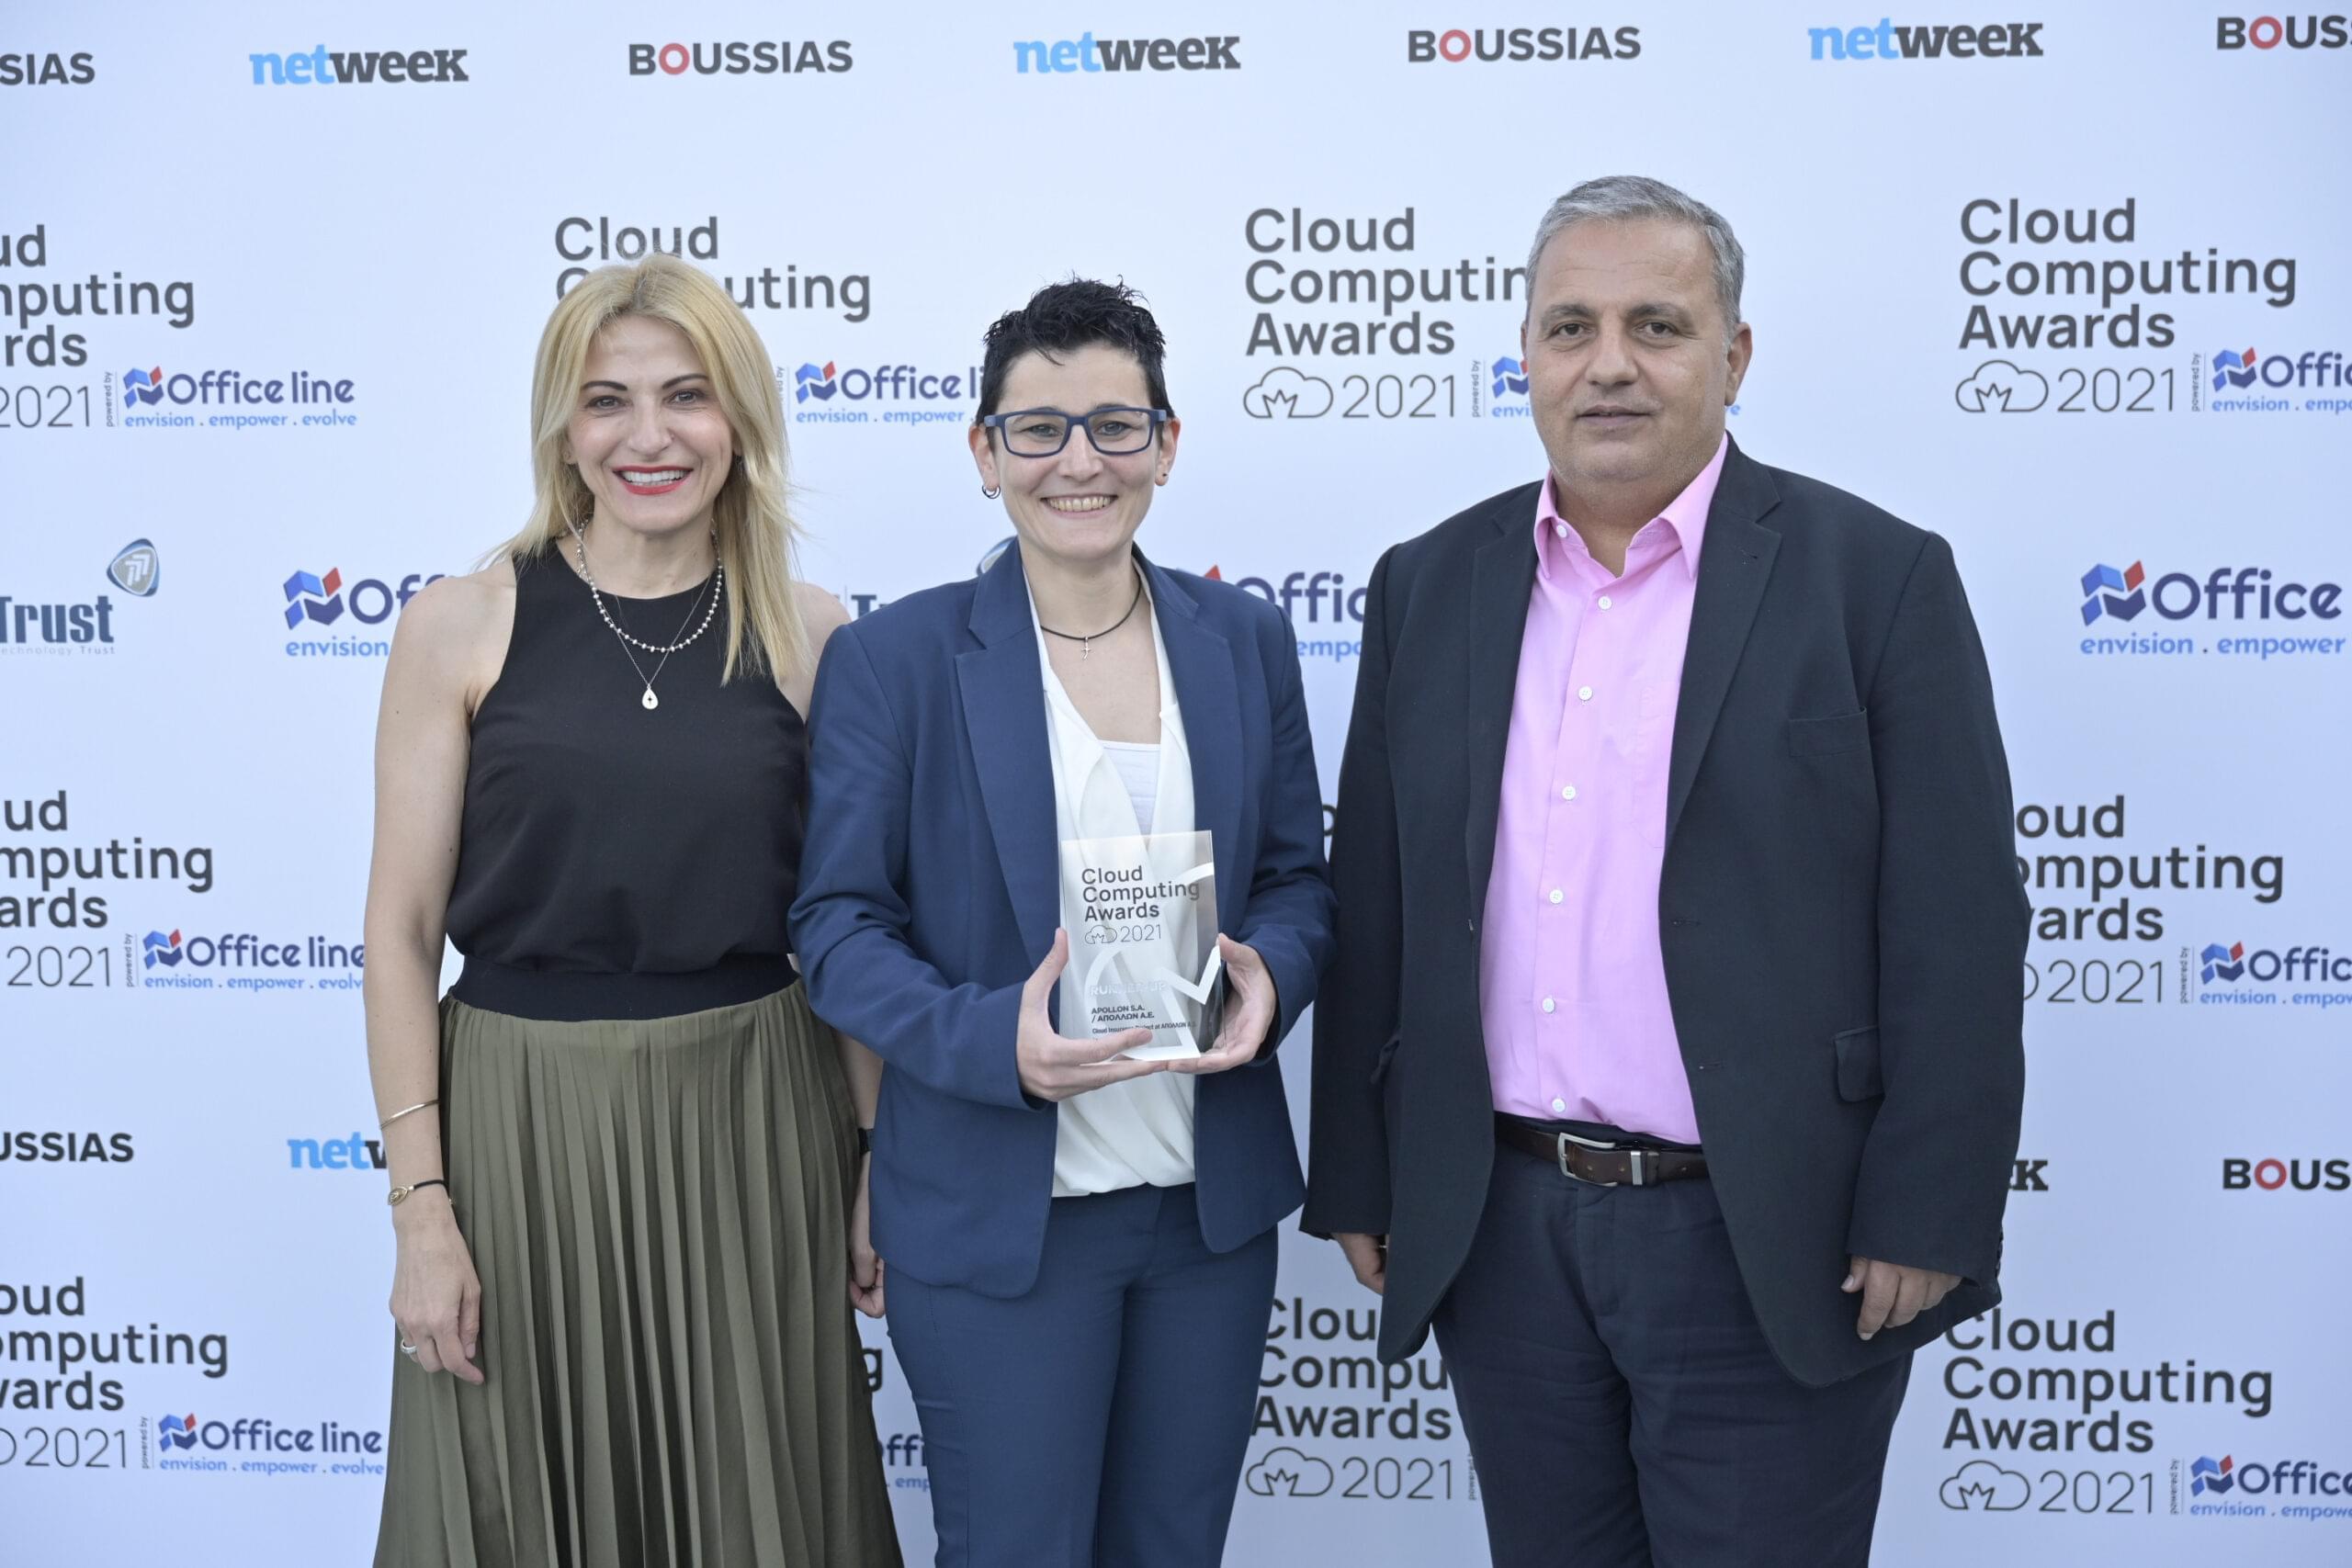 Cloud Computing Awards